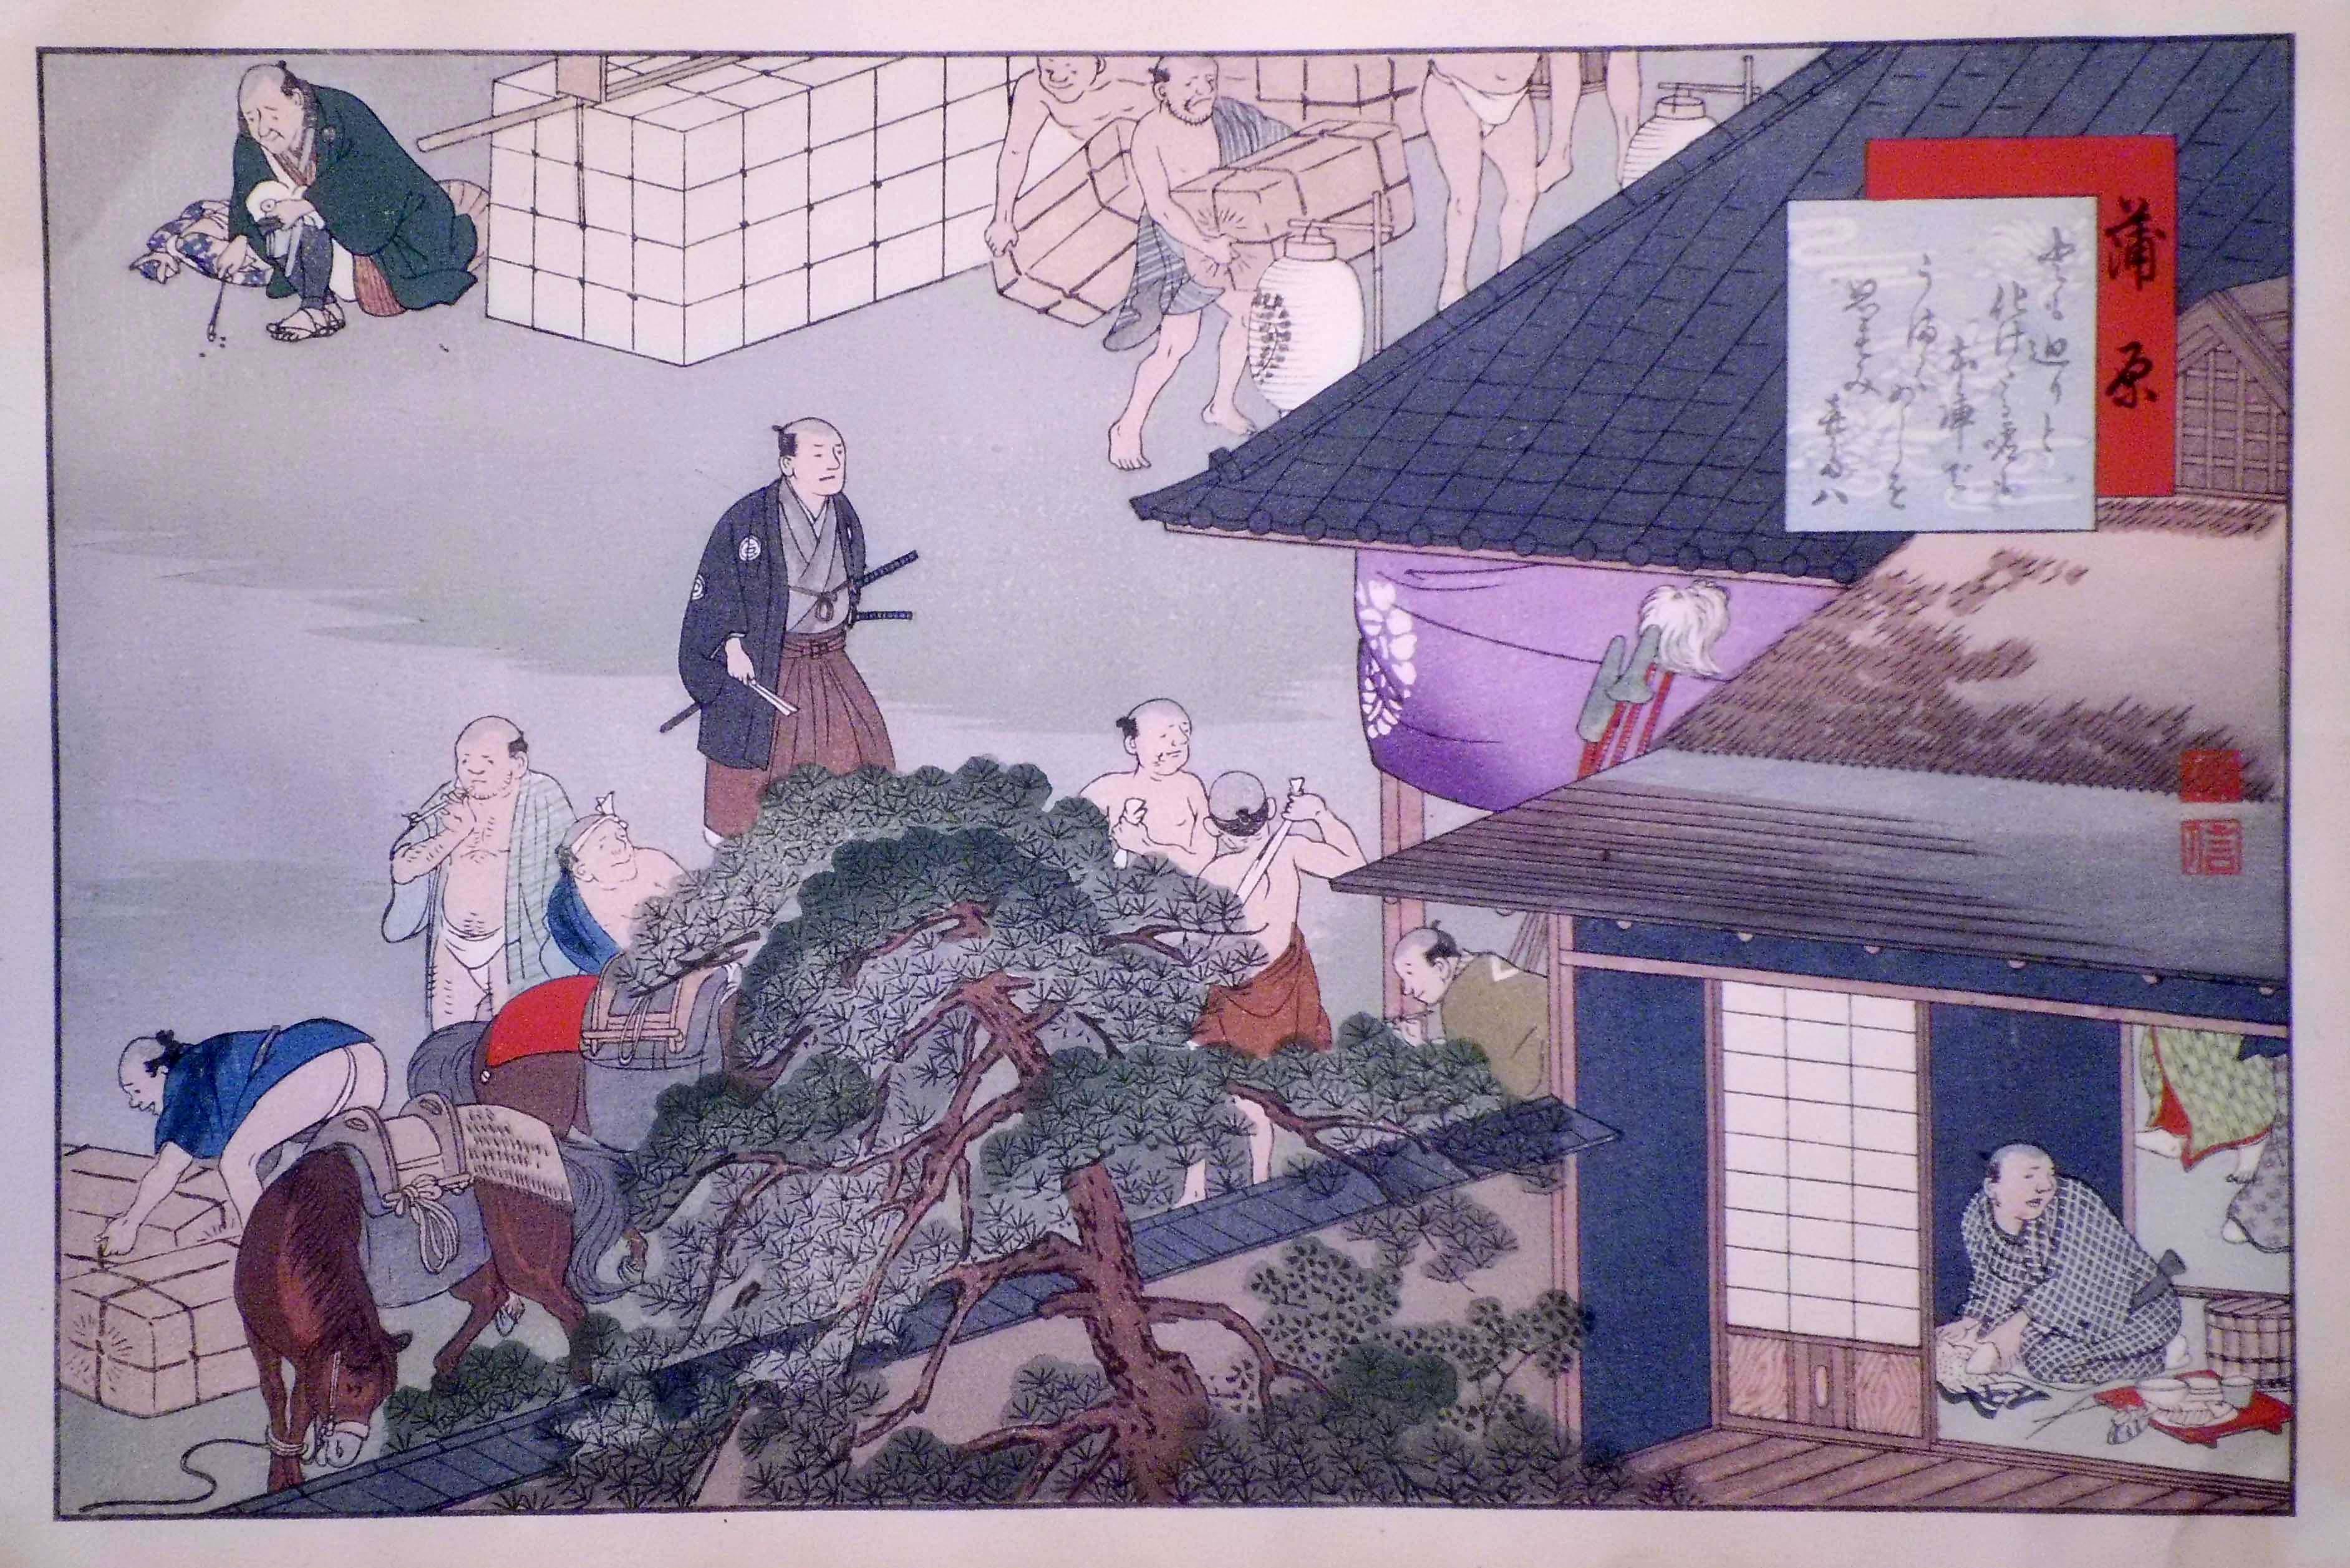 Fujikawa TAMENOBU (attivo nel 1890/1914) – KANBARA, QUINDICESIMA STAZIONE DELLA TOKAIDO